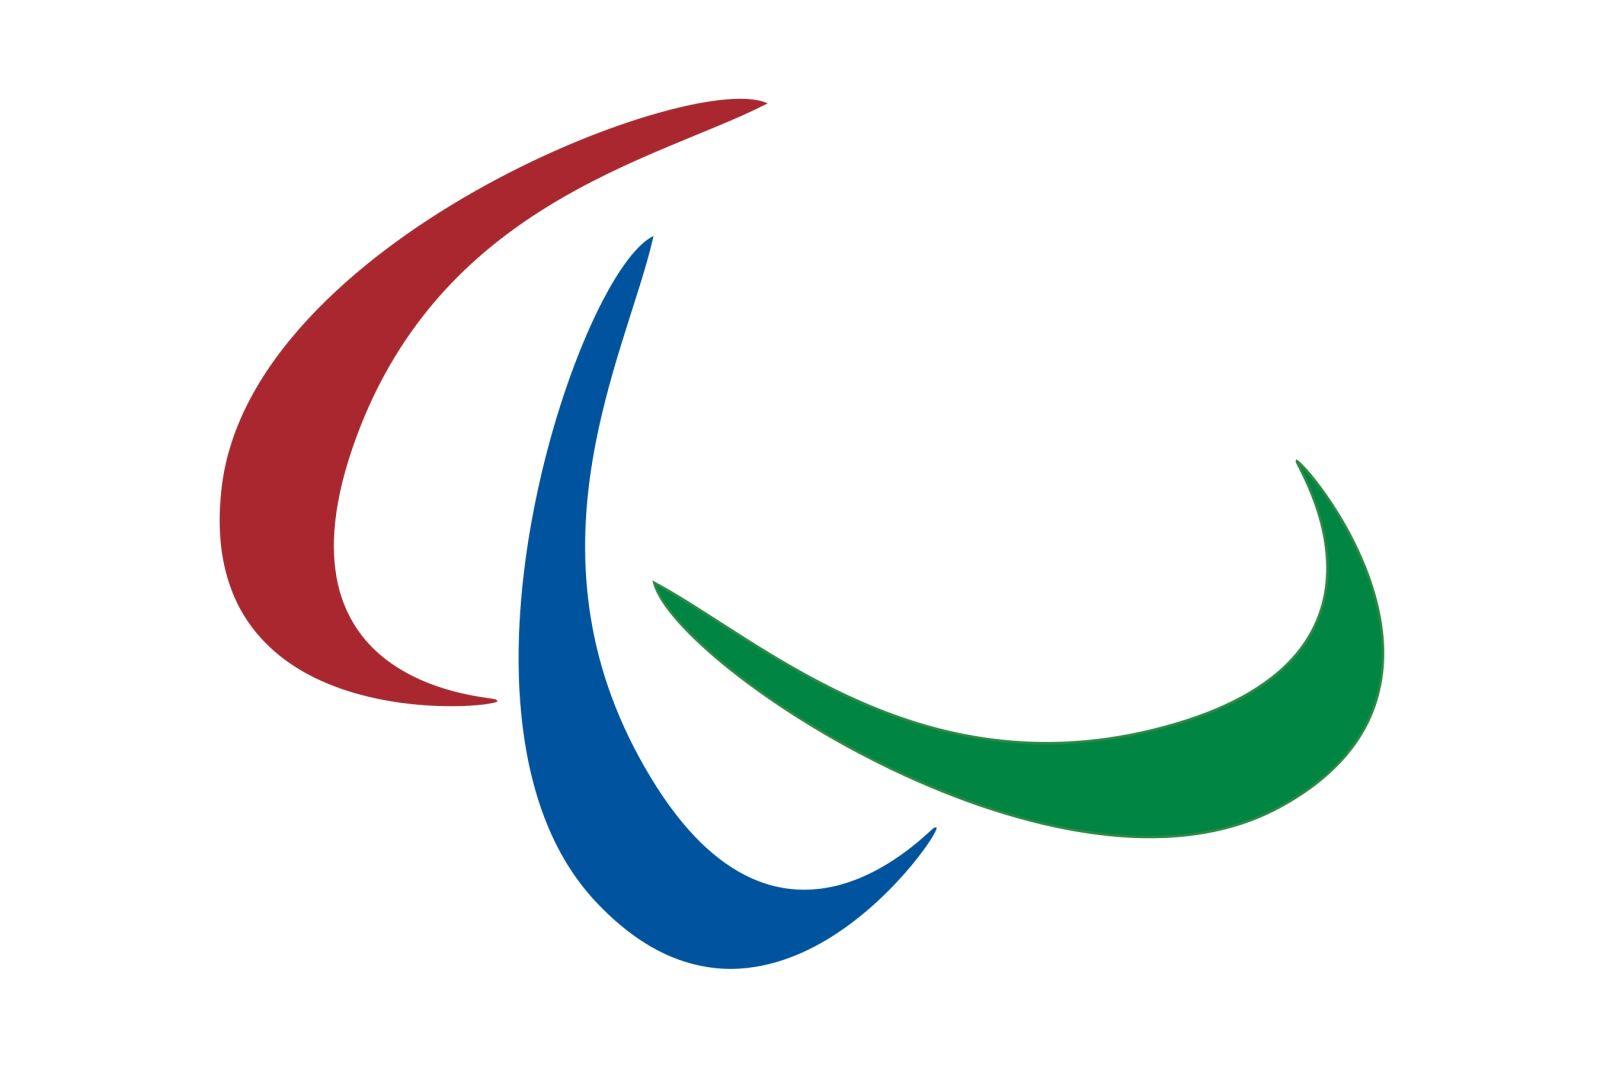 Пресс-релиз МПК: Окончательное решение по вопросу сможет ли Паралимпийский комитет России принимать участие в Паралимпийских зимних играх 2018 года будет принято в январе 2018 года